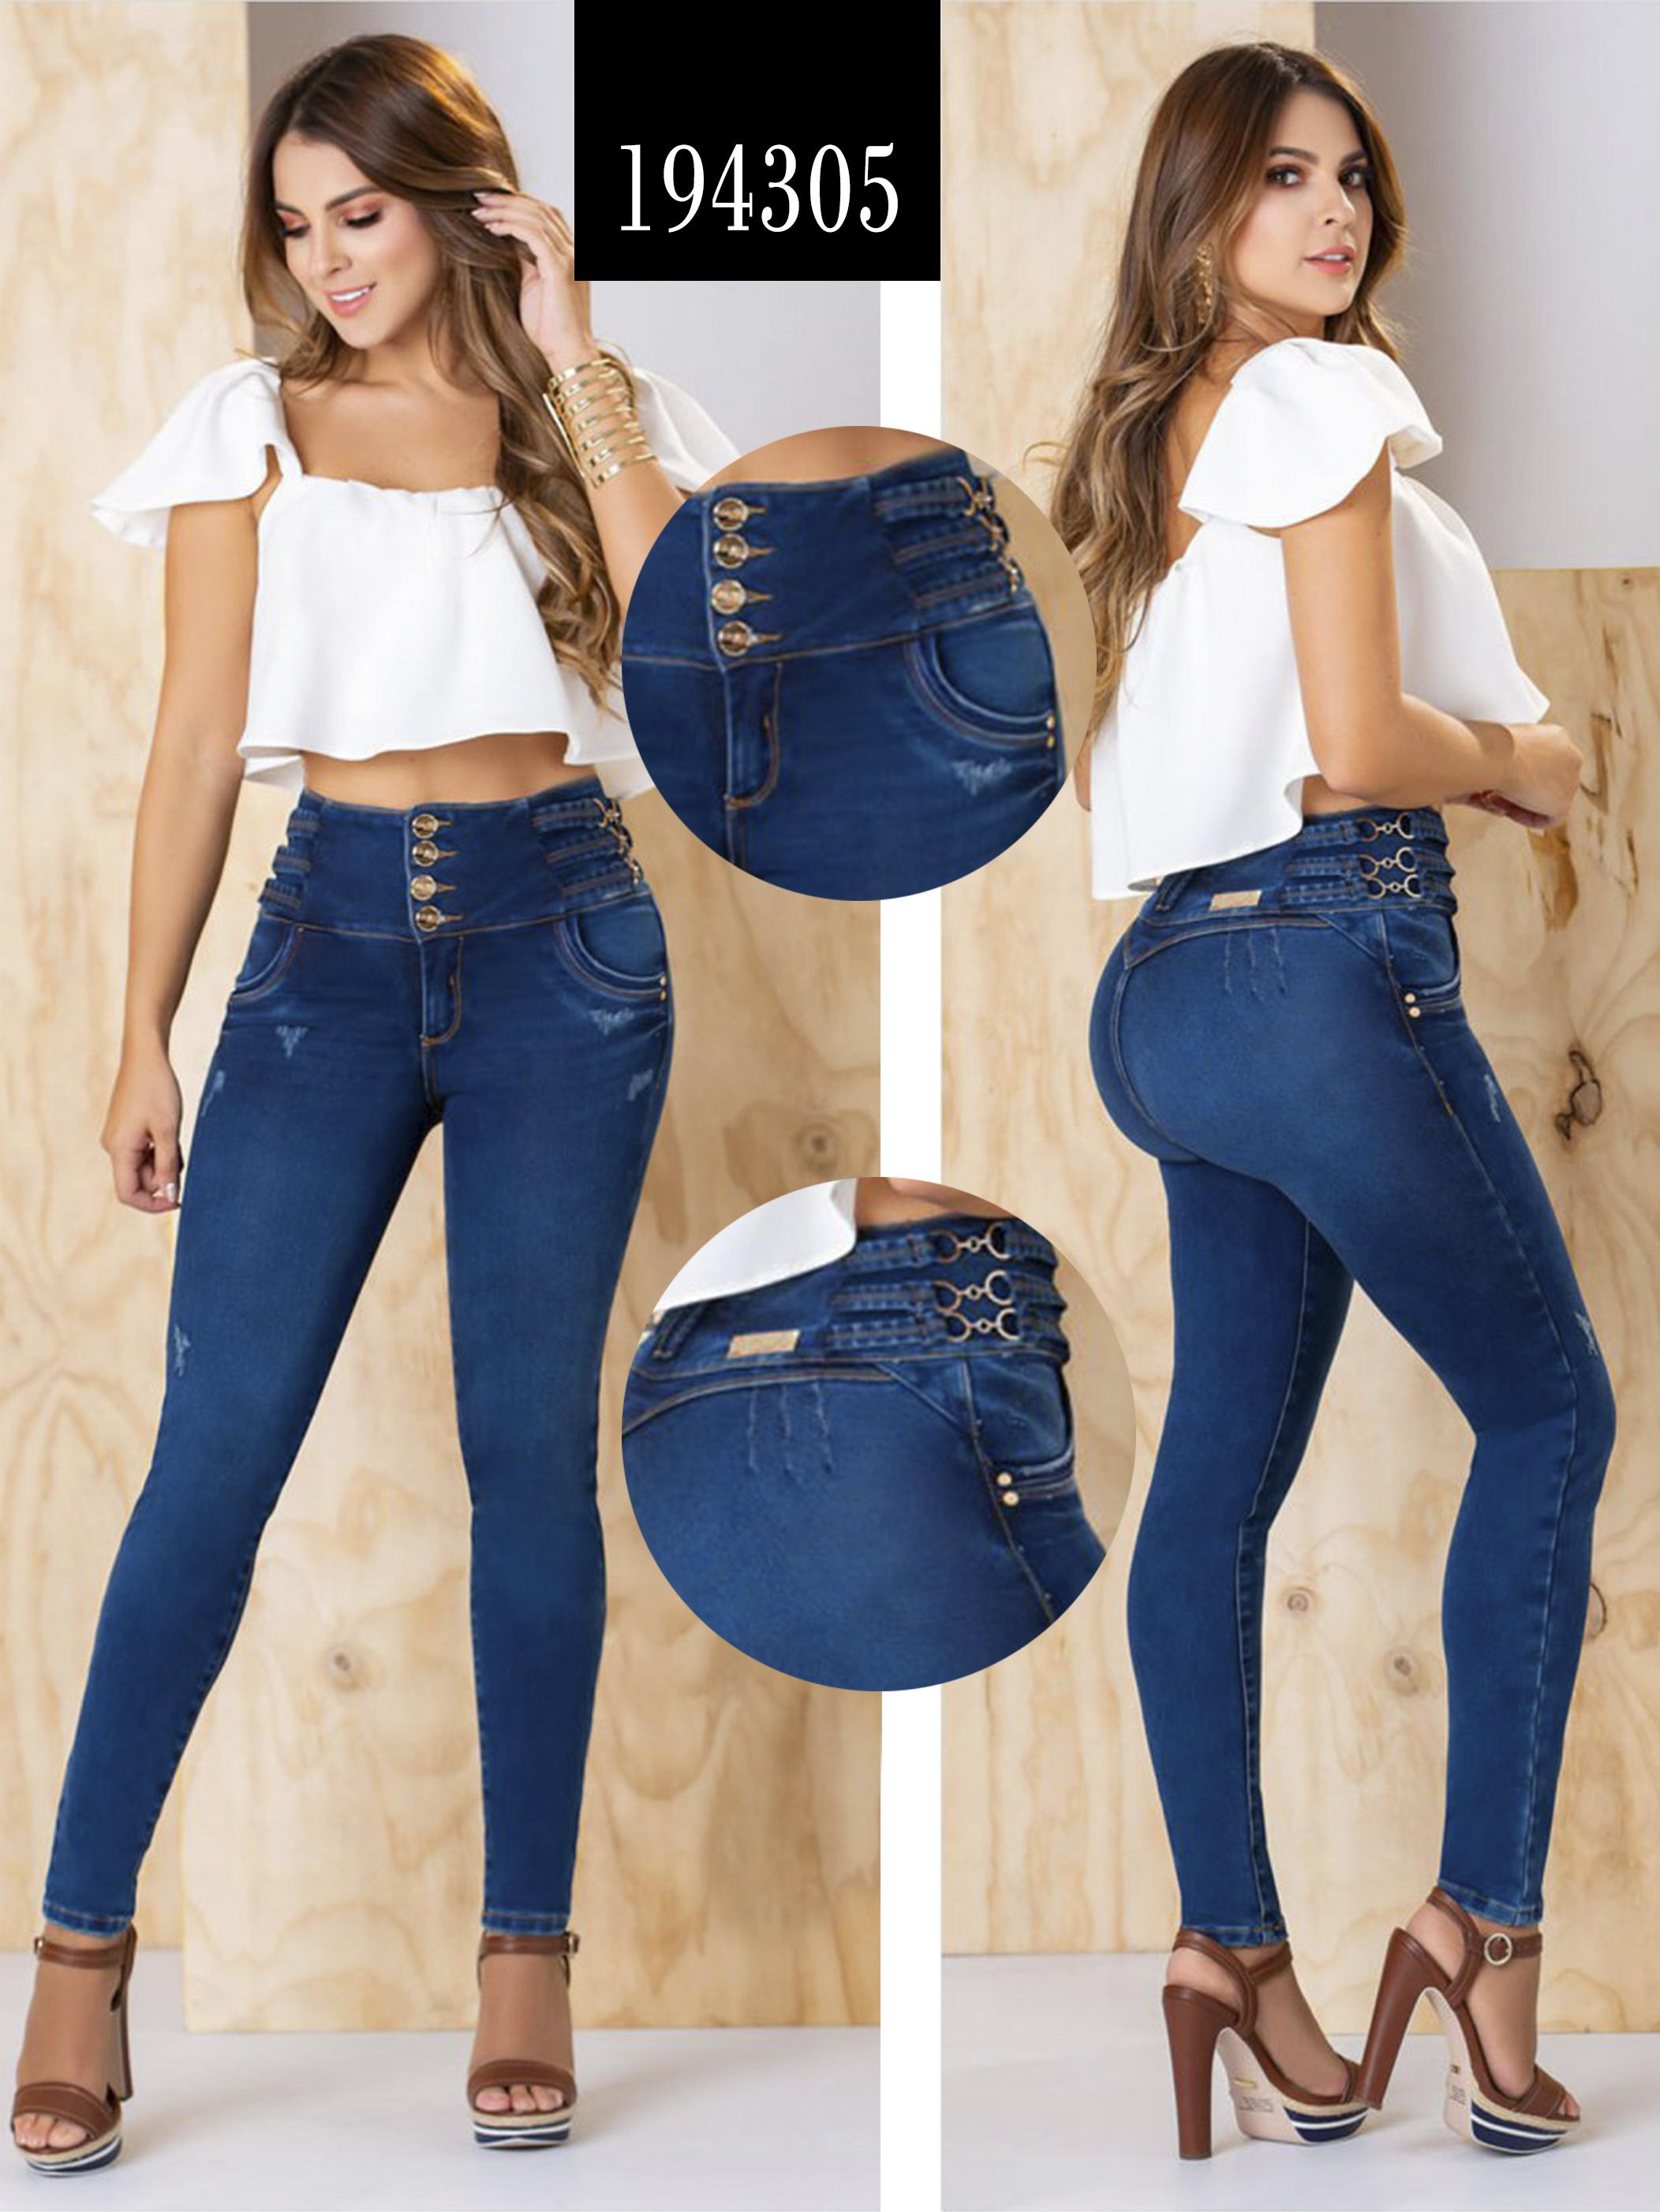 Pantalón de Dama Estilo Vaquero, sin bolsillos con estilo push up y control de Cintura con pretina ancha de 4 botones.